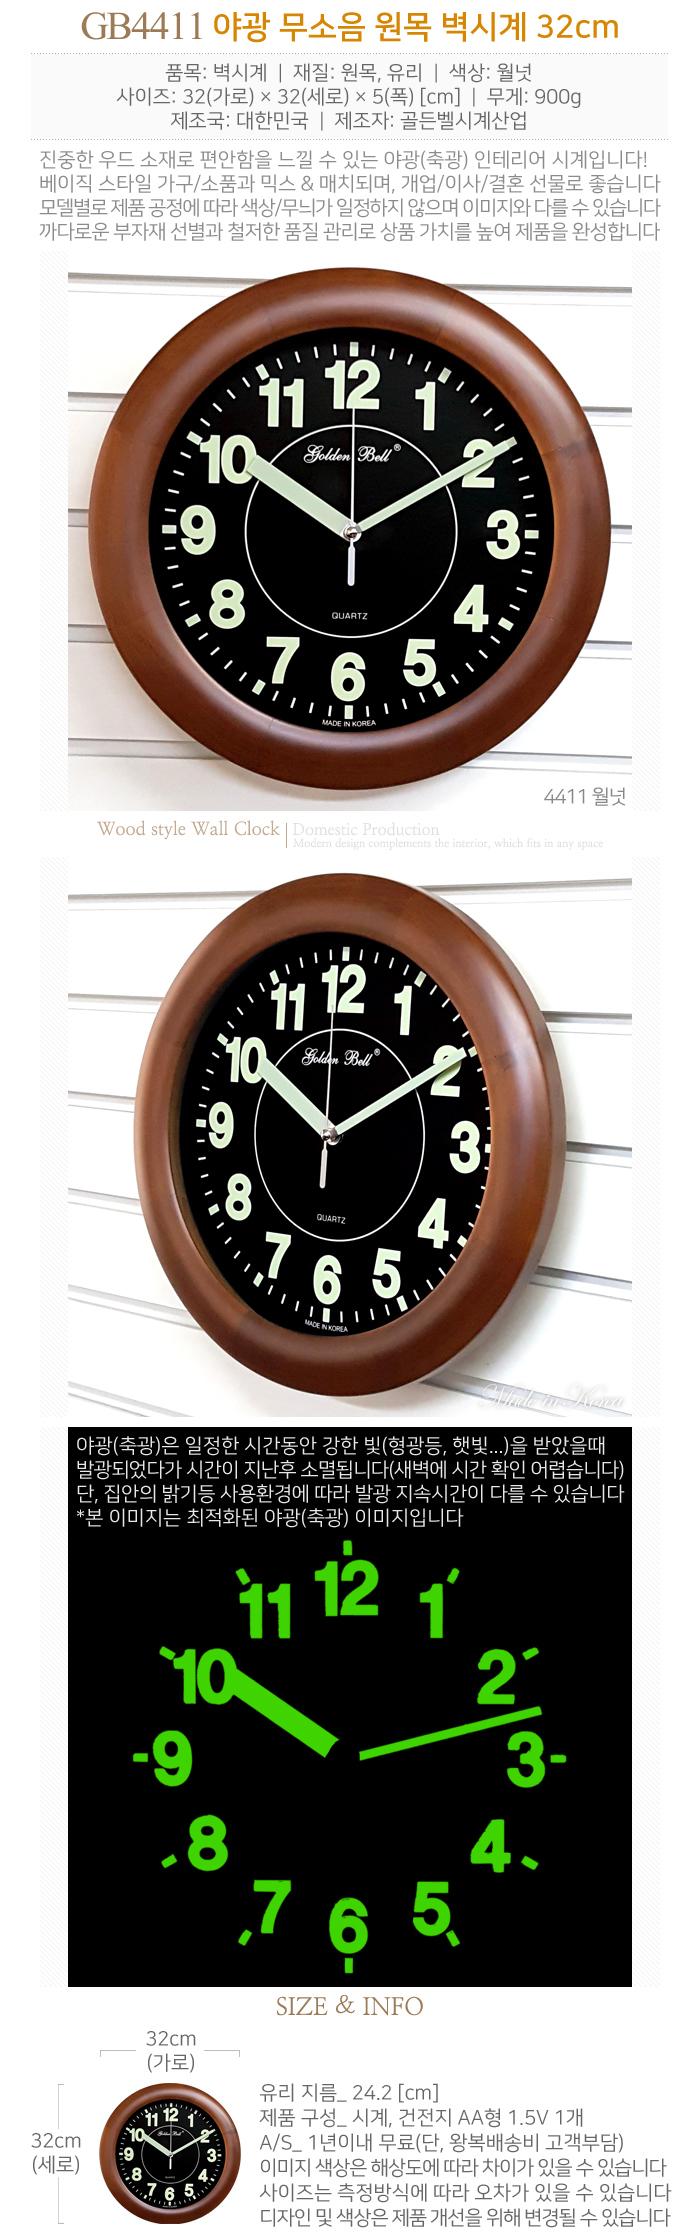 야광 무소음 원목 벽시계 32cm (2종) - 골든벨시계, 54,500원, 벽시계, 우드벽시계